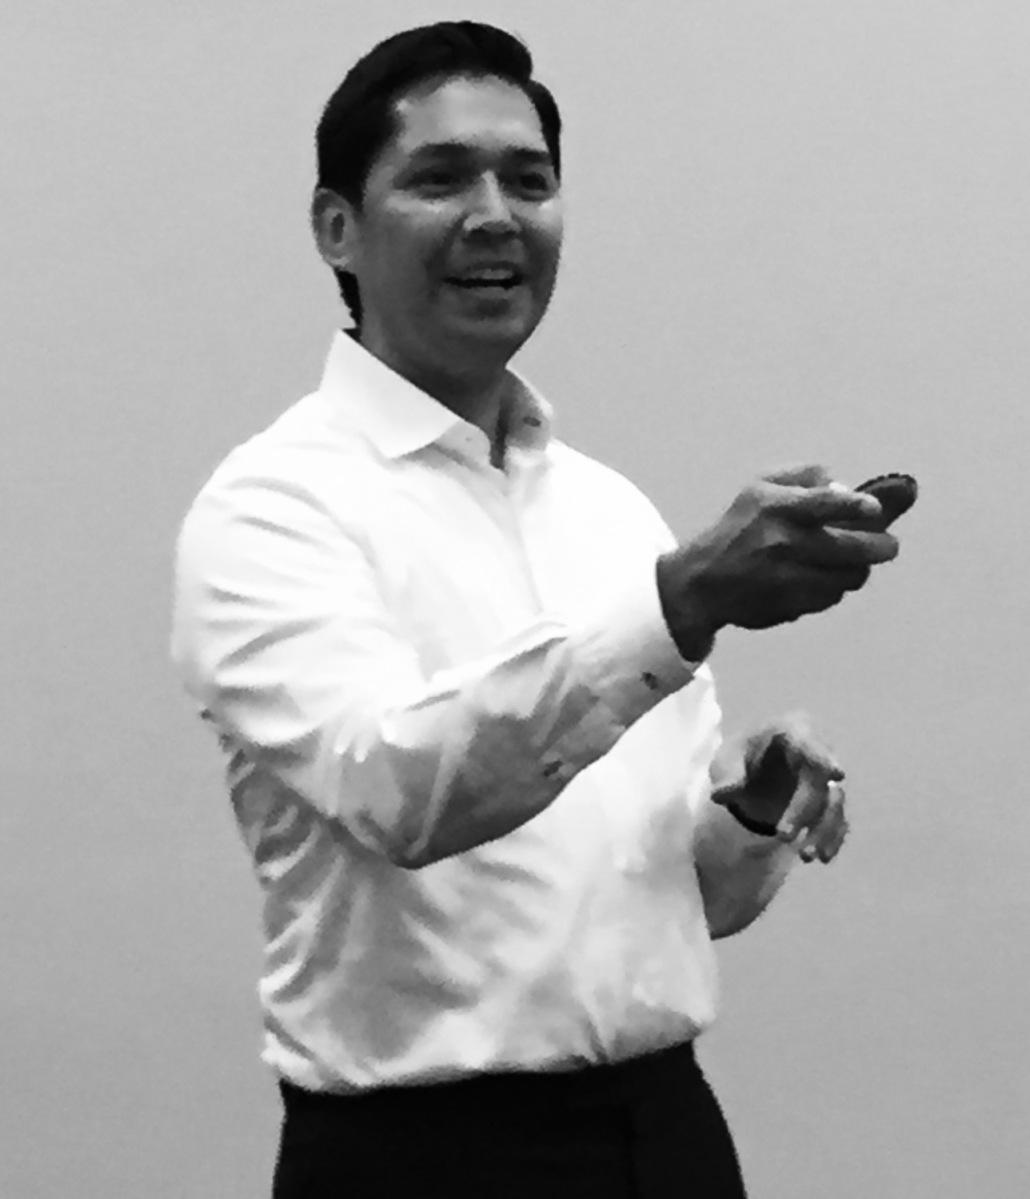 Hispanic Motivational Speaker